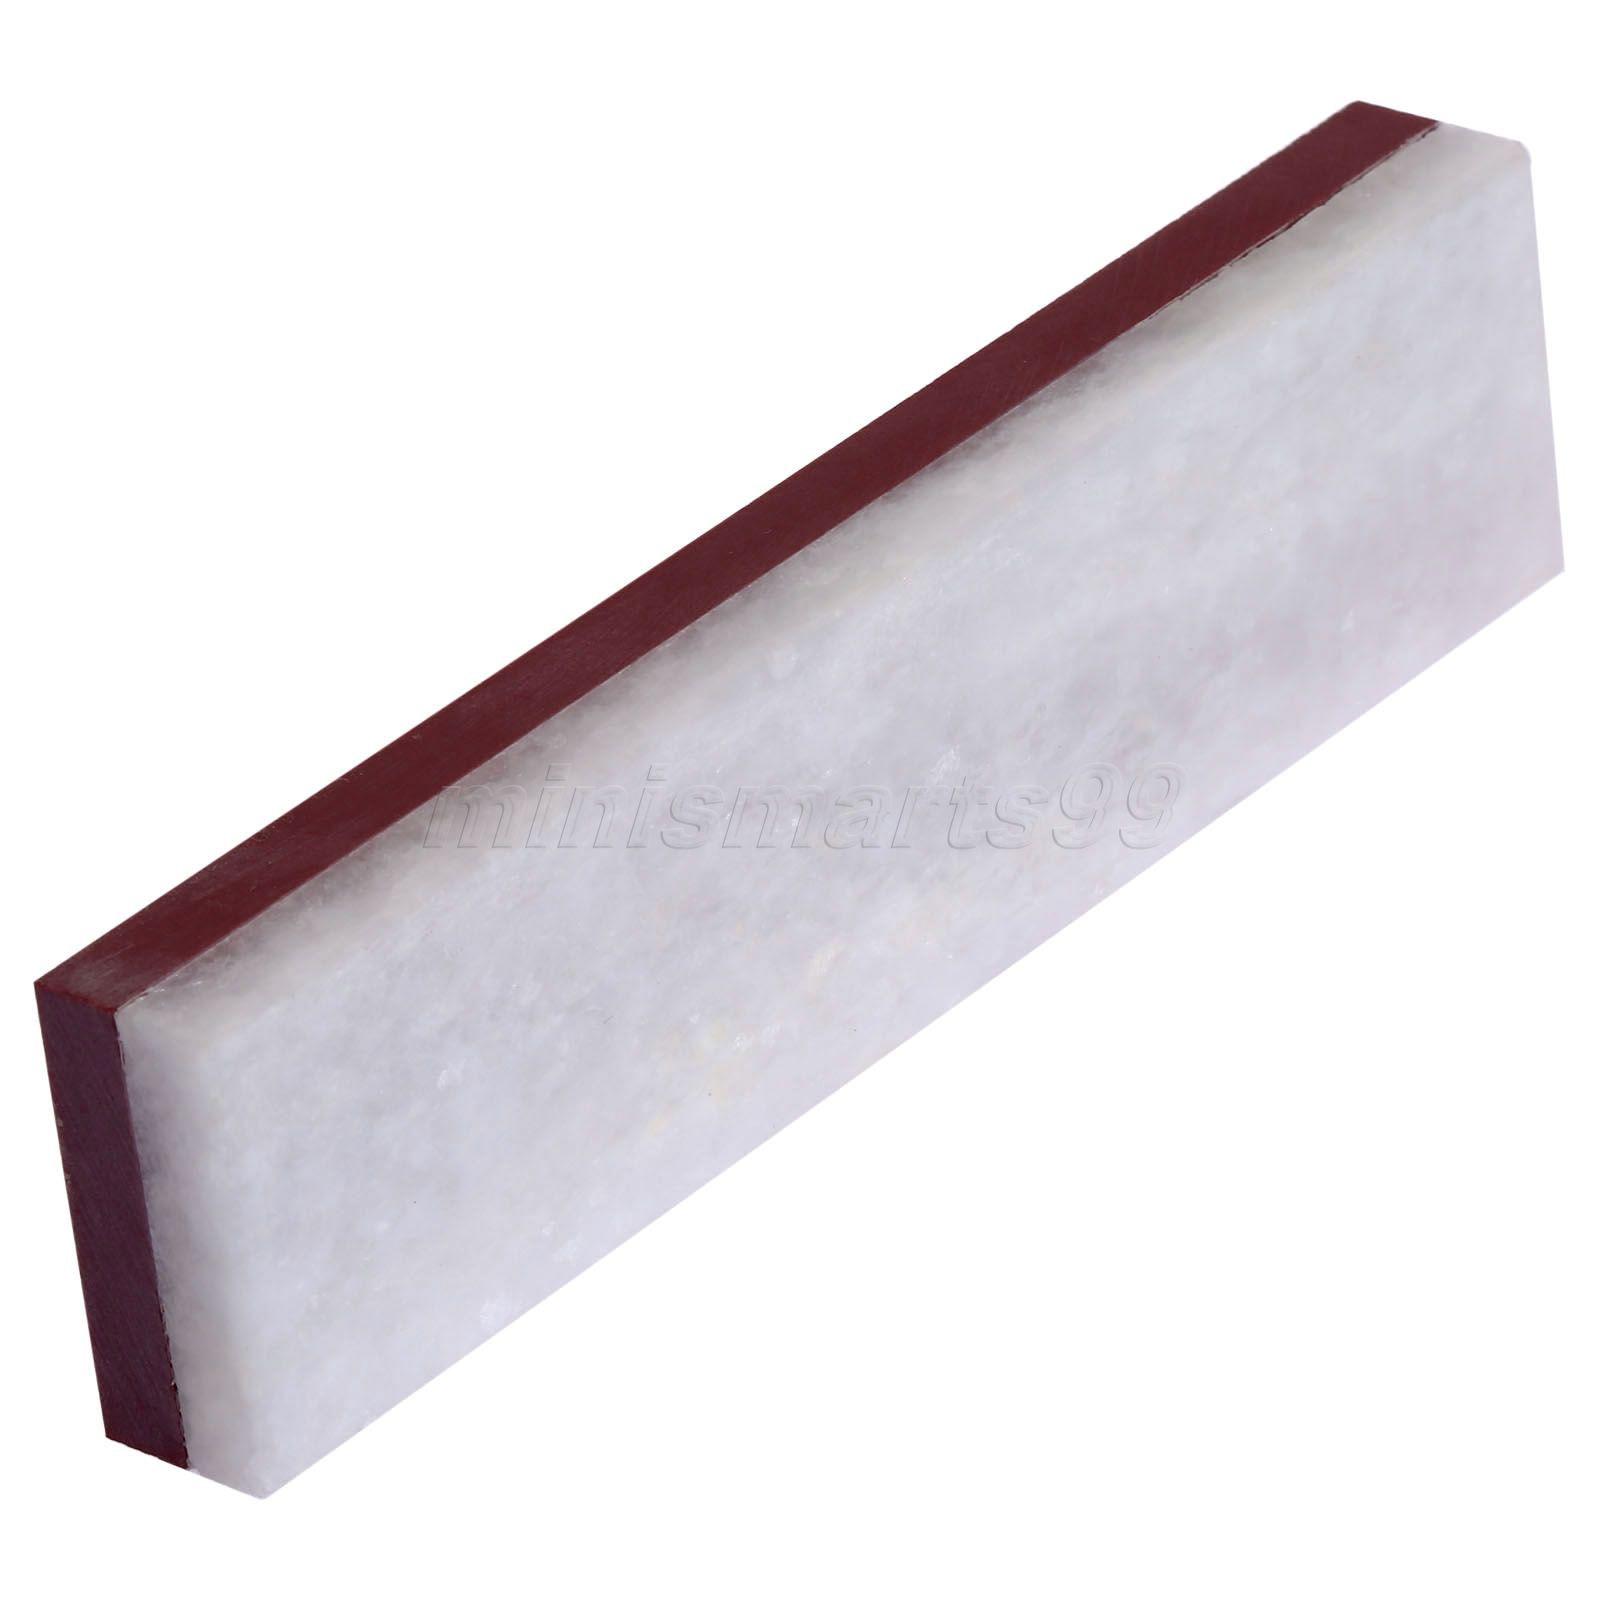 3000 & 10000 dvostruka bočna oštrica kamena uljni nož za oštrenje - Kuhinja, blagovaonica i bar - Foto 1